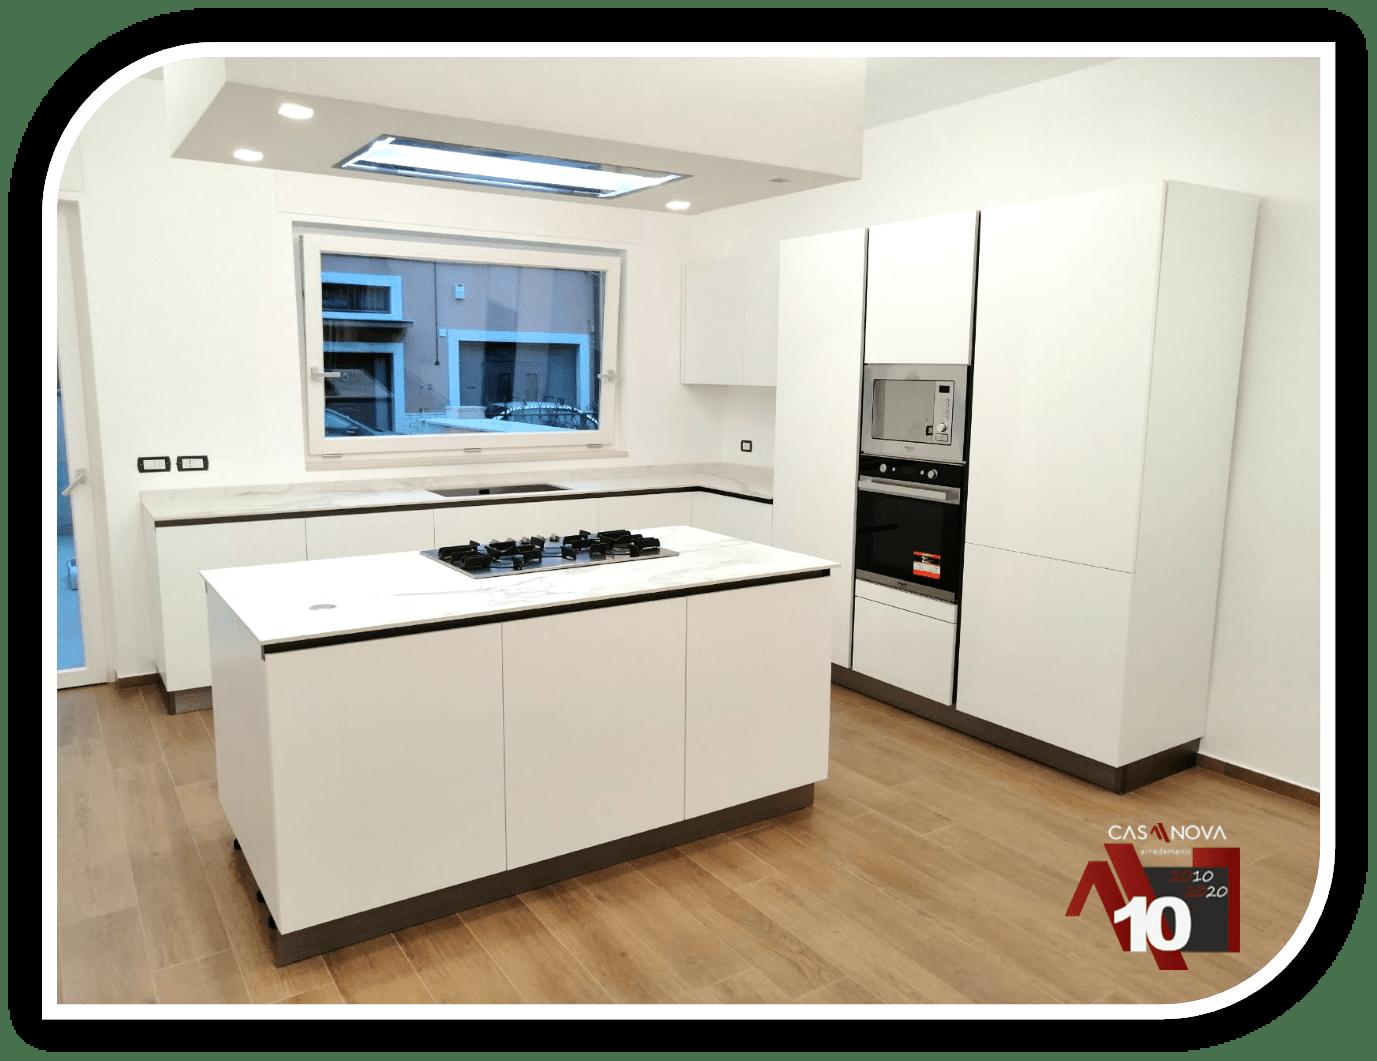 Come ricavare altro spazio e funzionalità con una cucina con isola